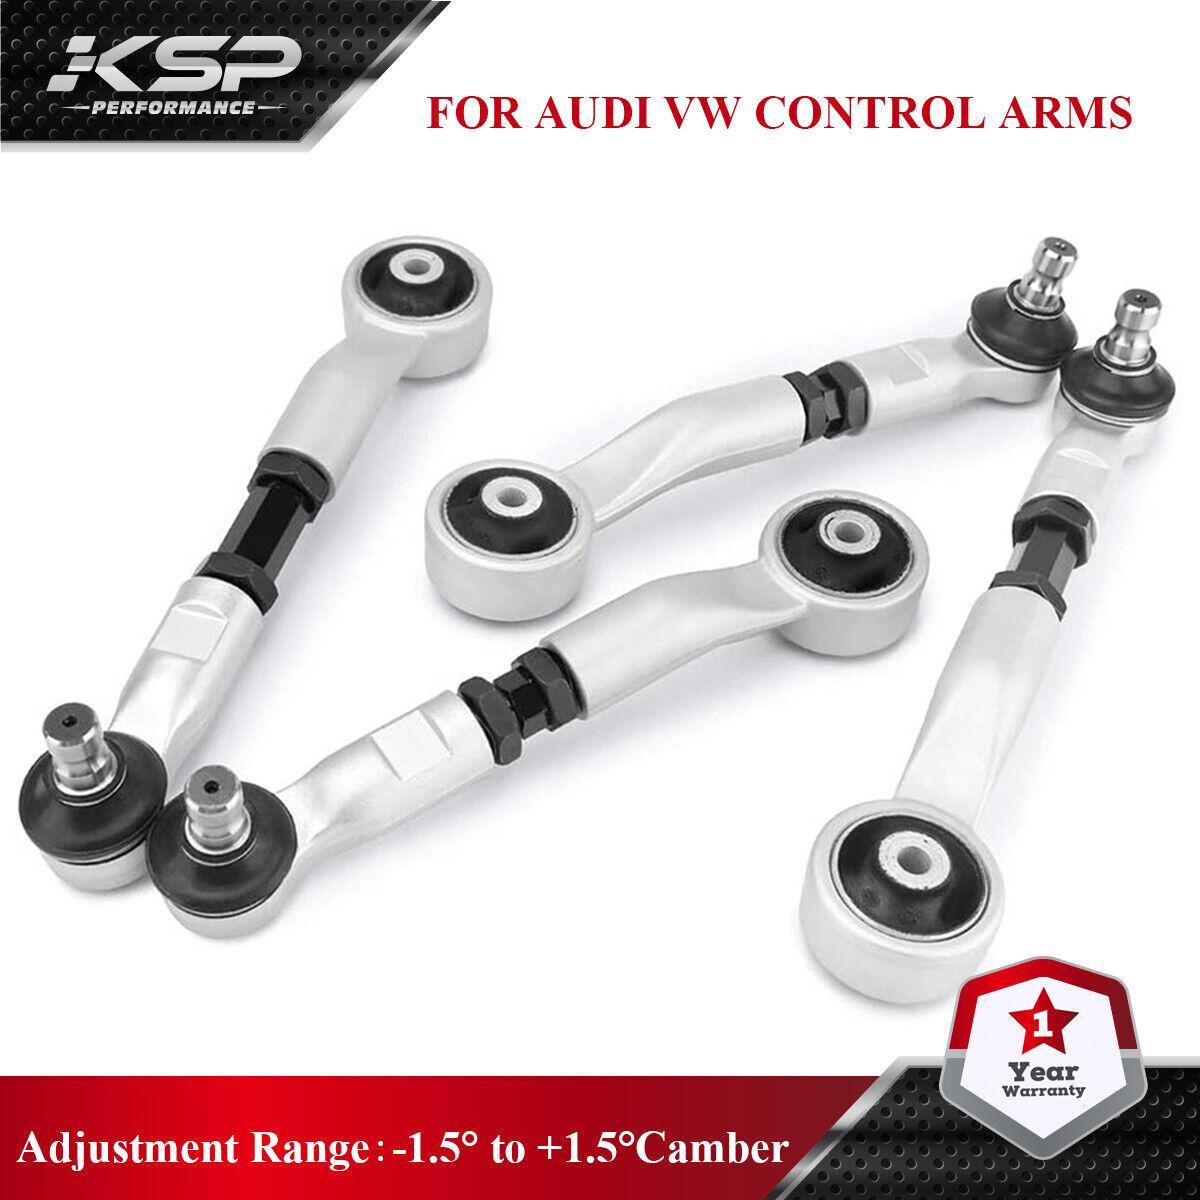 Image 1 - KSP 4PC Adjustable Upper Control Arms Kit For Audi A4 Quattro A5 S5 A6 S6 Passat